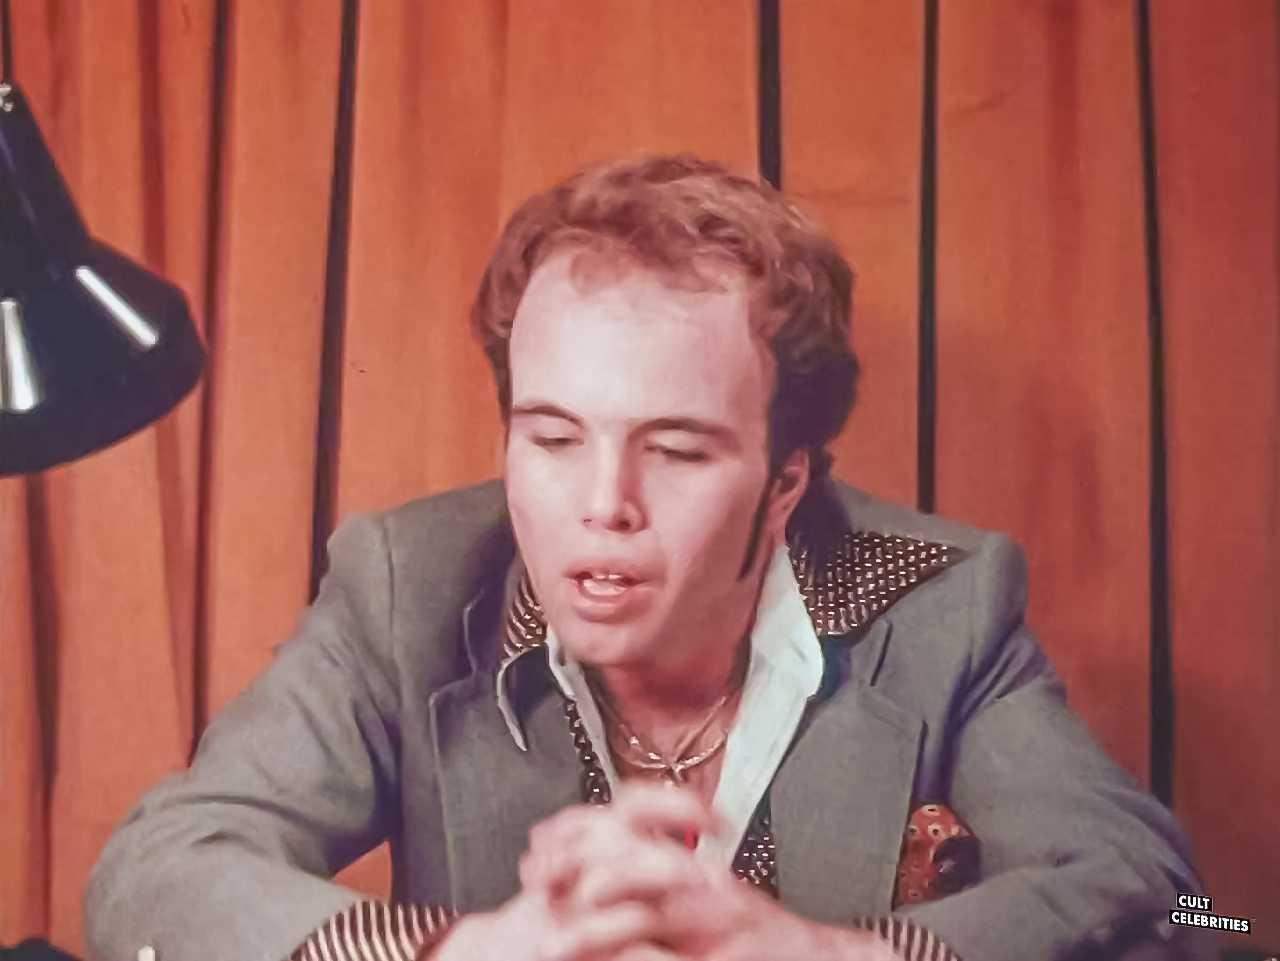 Clint Howard as Eaglebauer in Rock 'n' Roll High School (1979)